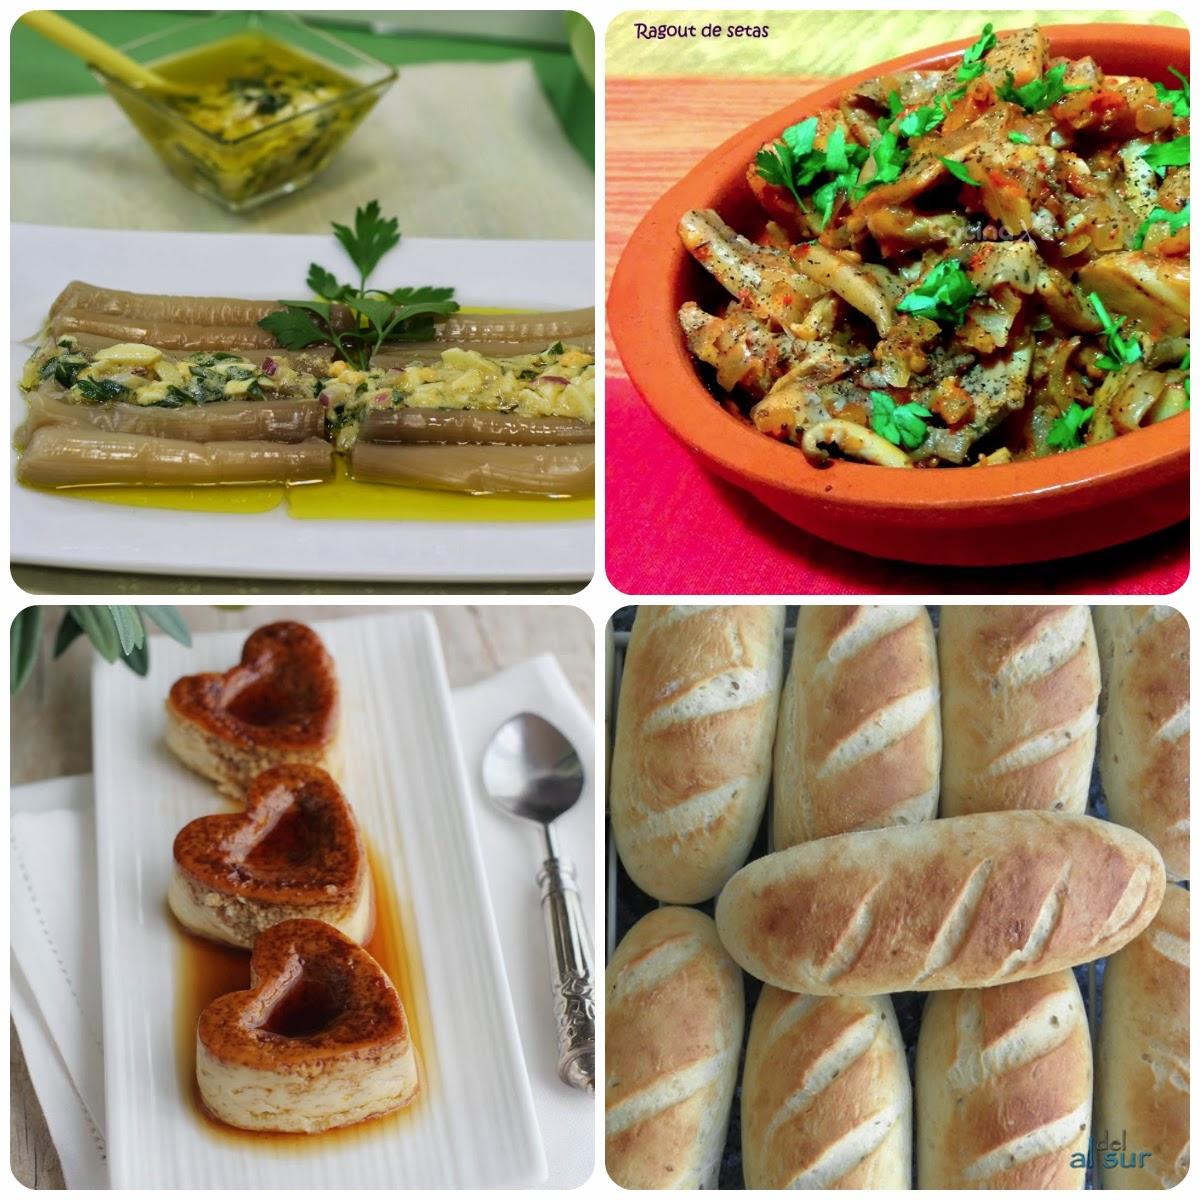 Recetas del Sexto Menú vegetariano con recetas de otros blogs.